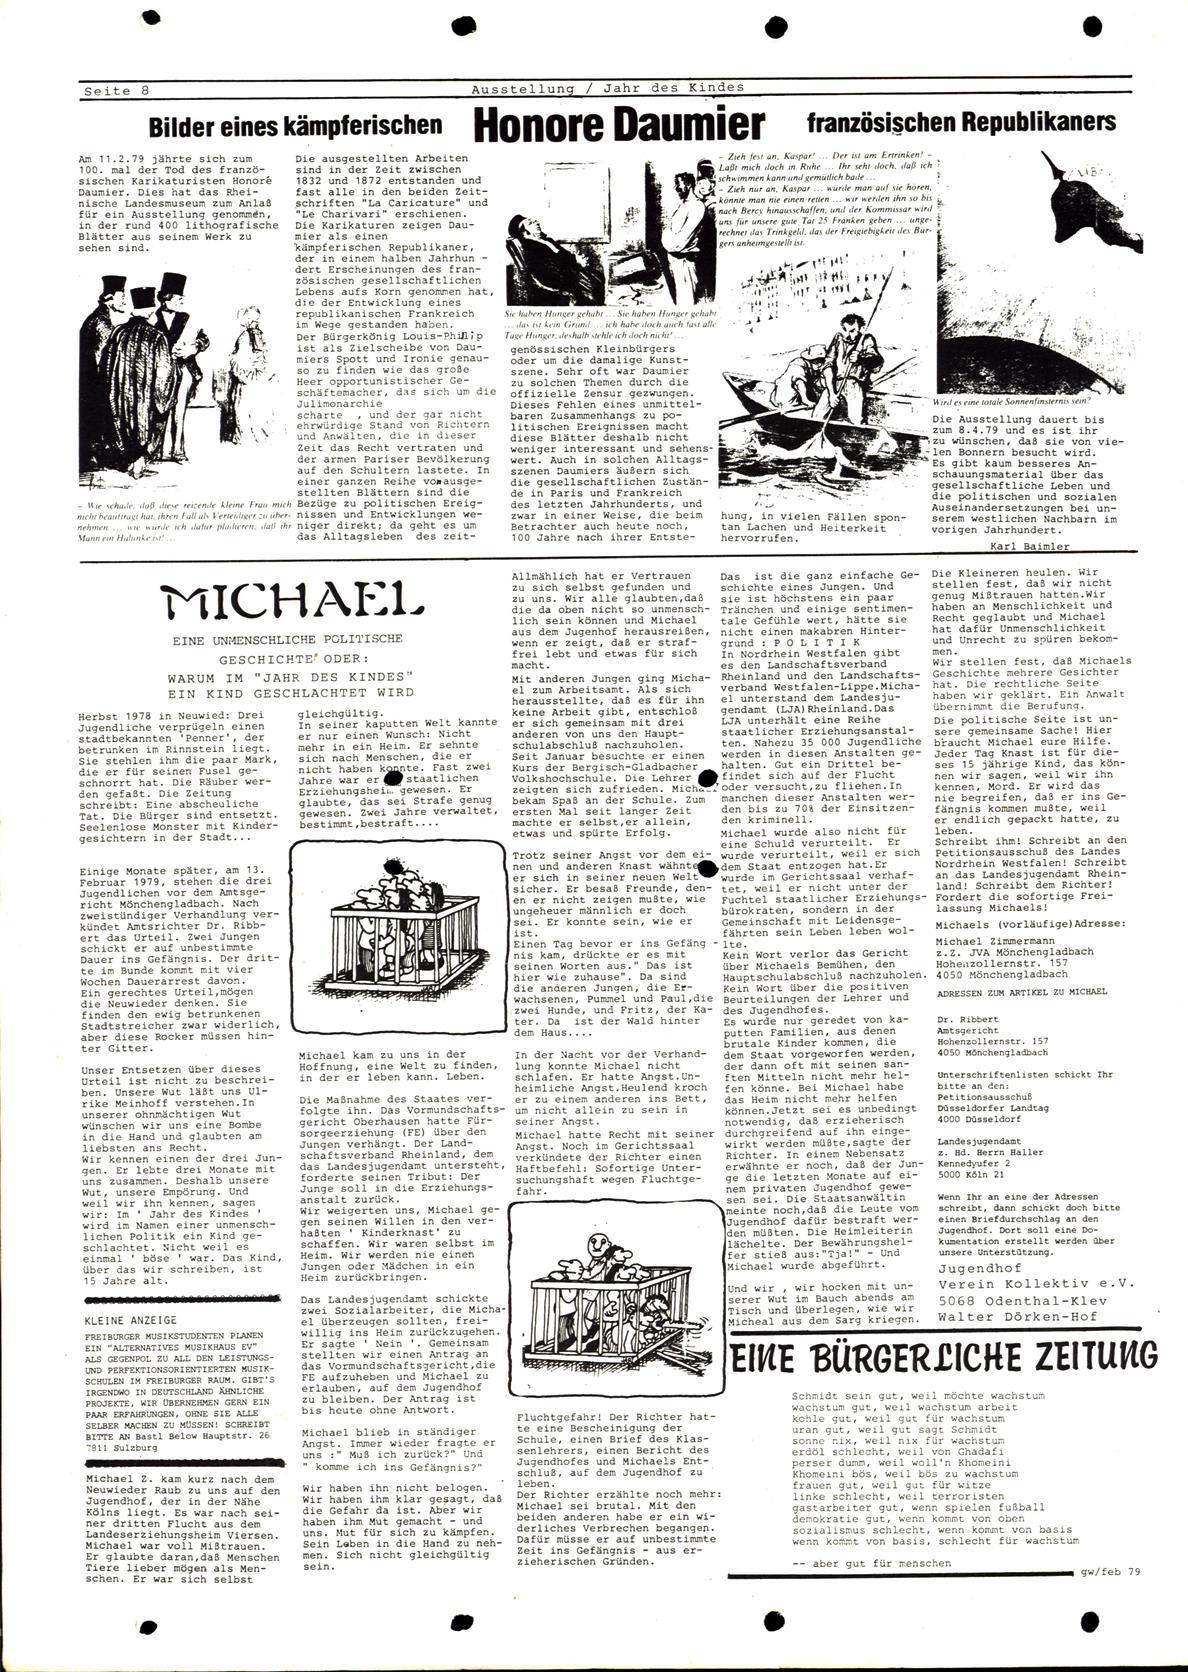 Bonner_Volksblatt_22_19790228_08